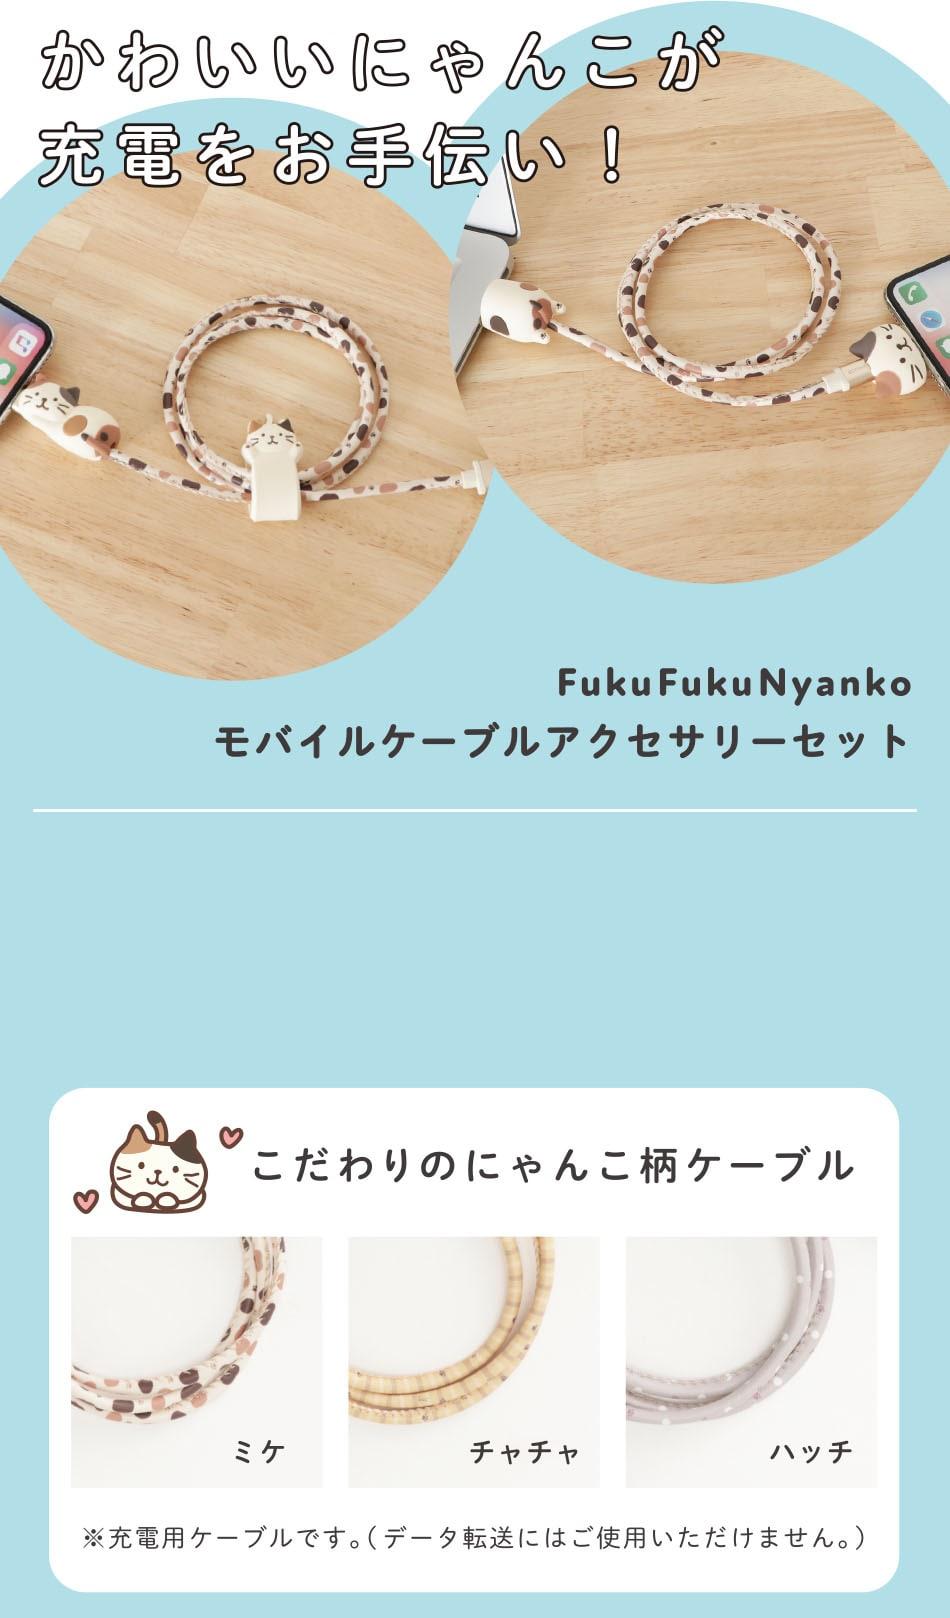 かわいいにゃんこが充電をお手伝い!HAPiNSオリジナルねこFukuFukuNyankoのモバイルケーブルアクセサリーセット